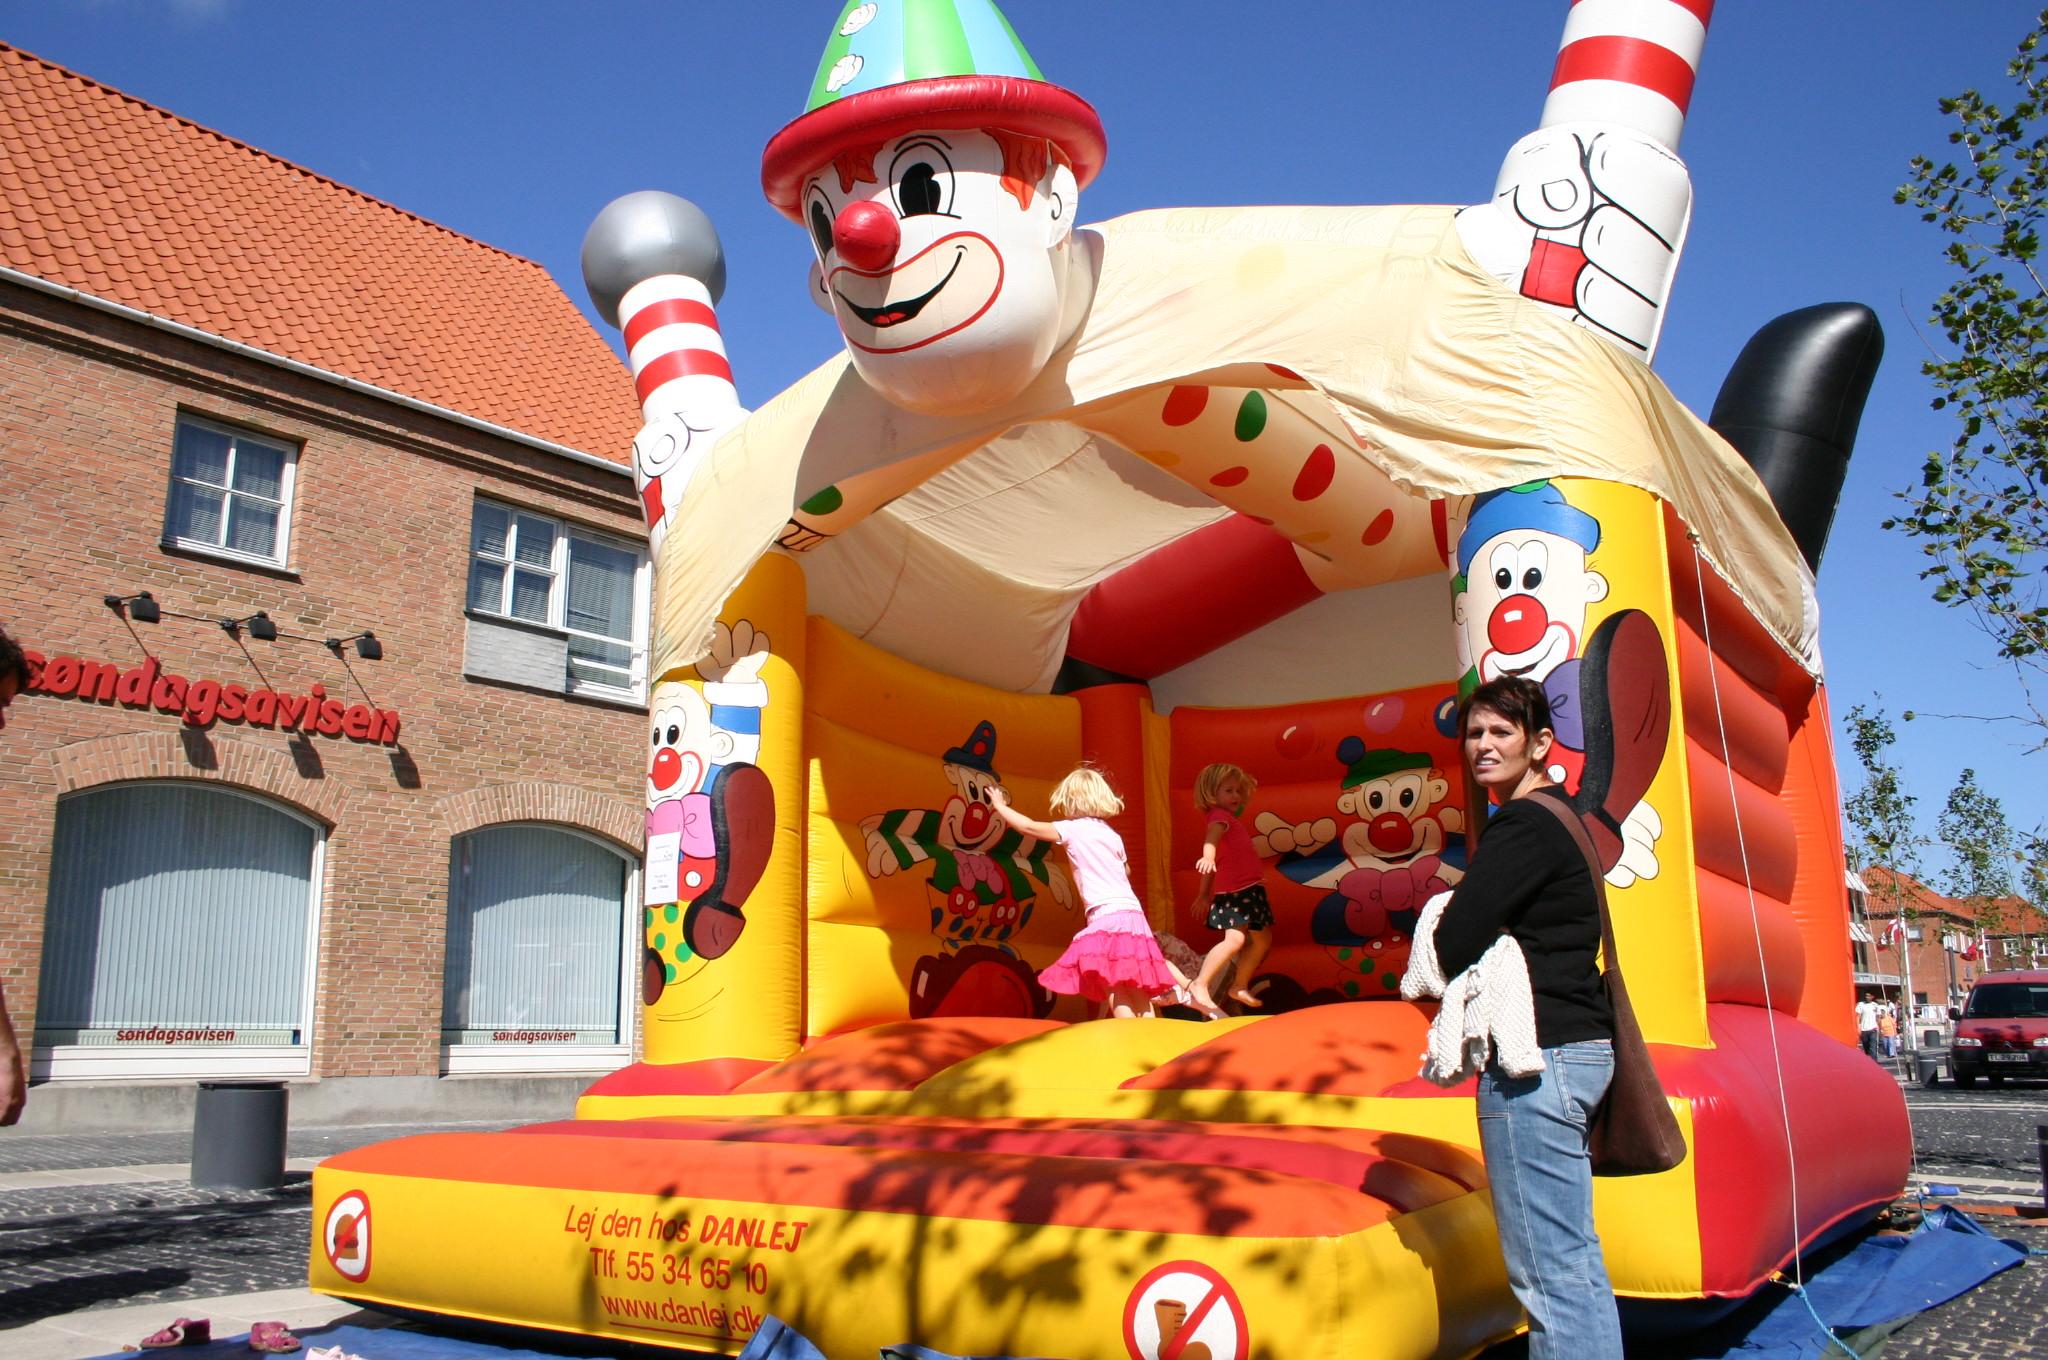 cirkus-hoppeslot_1.jpg